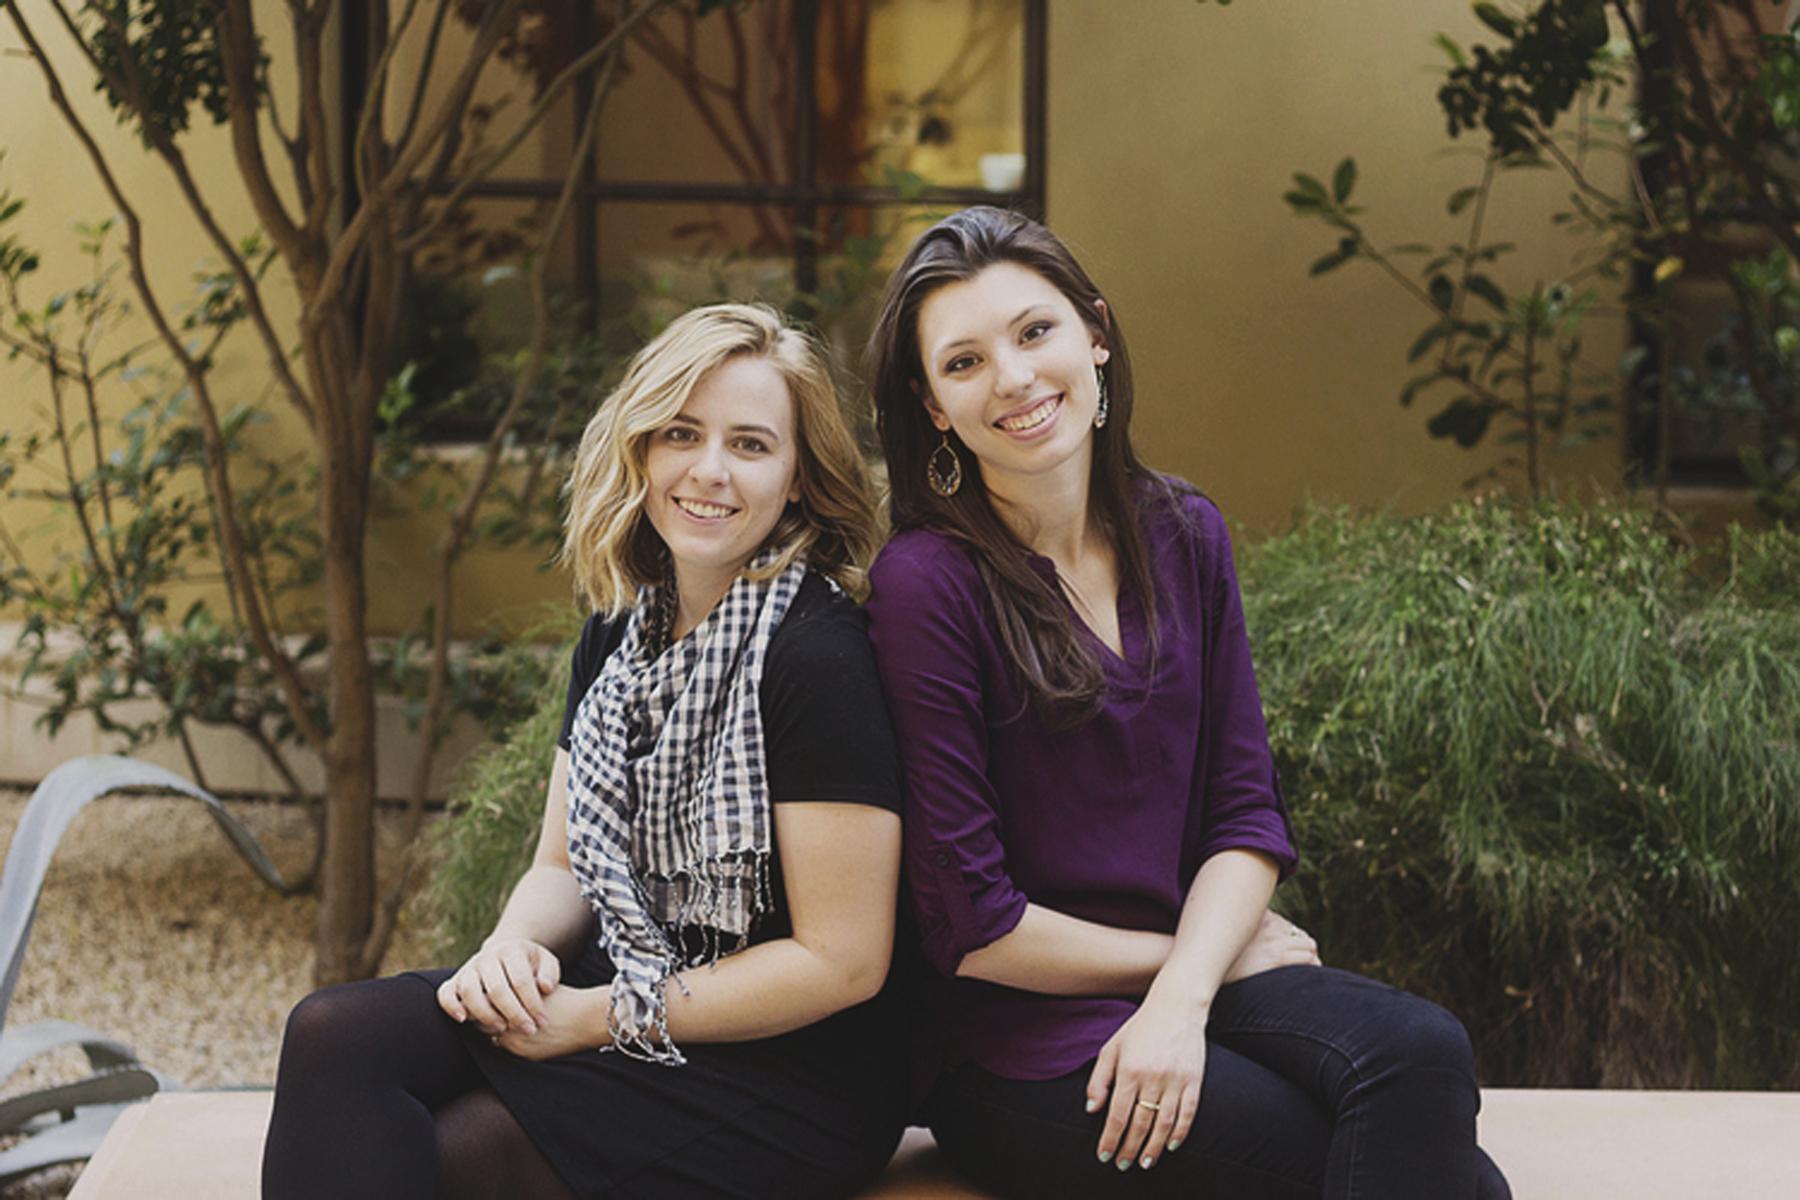 Photo: Joanna Duka, right, and Breanna Koski Arizona Discrimination